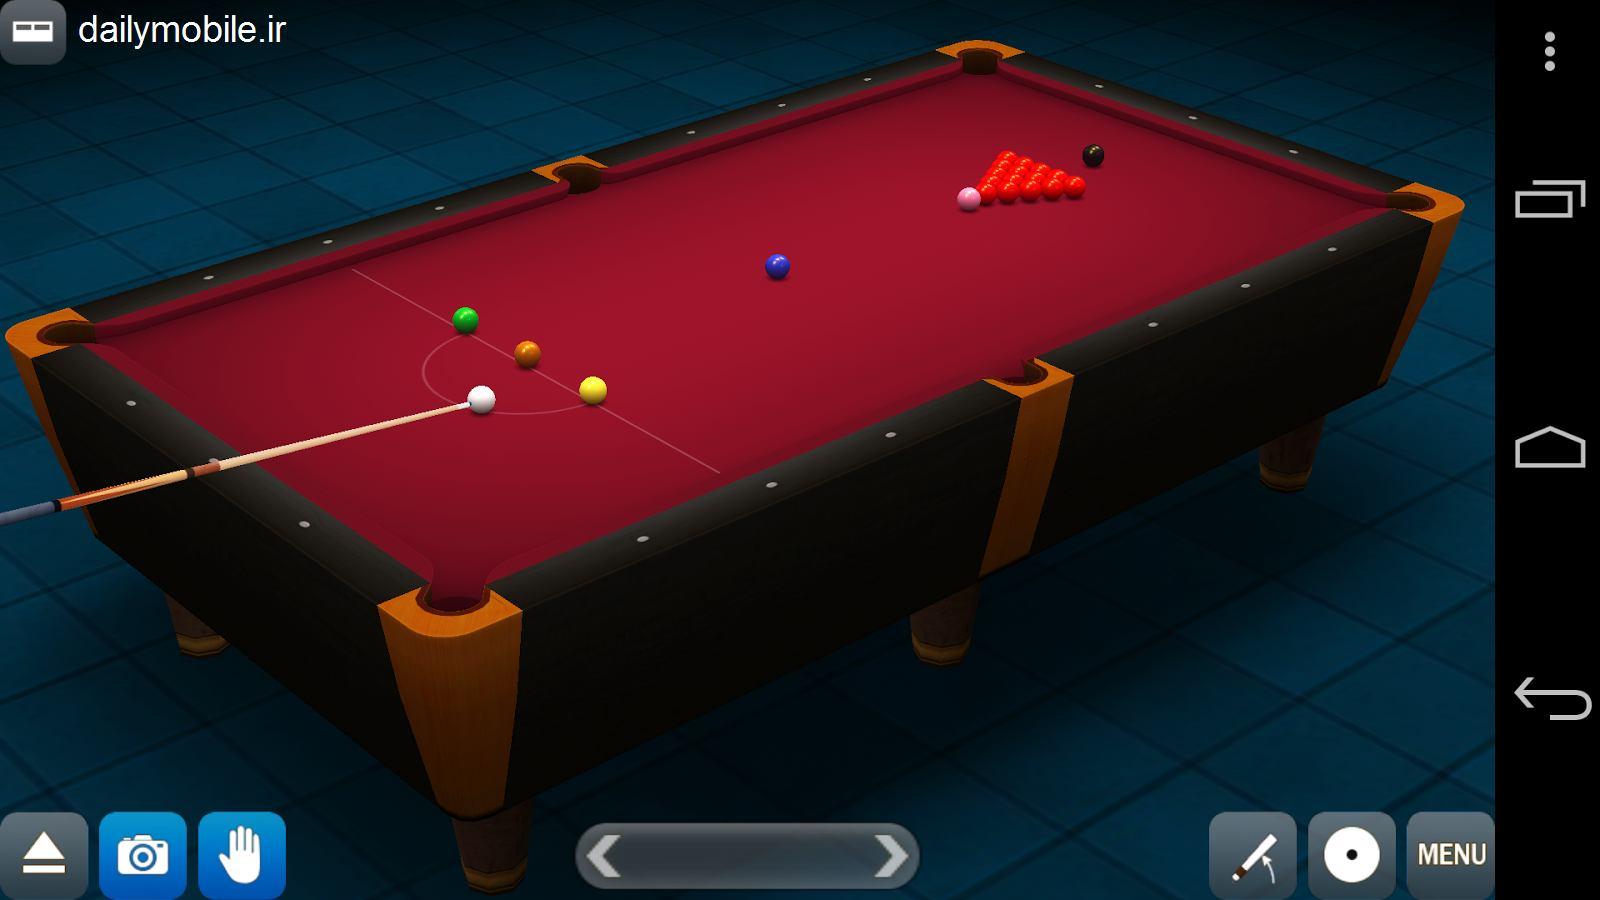 دانلود نسخه ی جدید بازی بیلیارد بسیار زیبا برای اندروید Pool Break Pro 3D Billiards